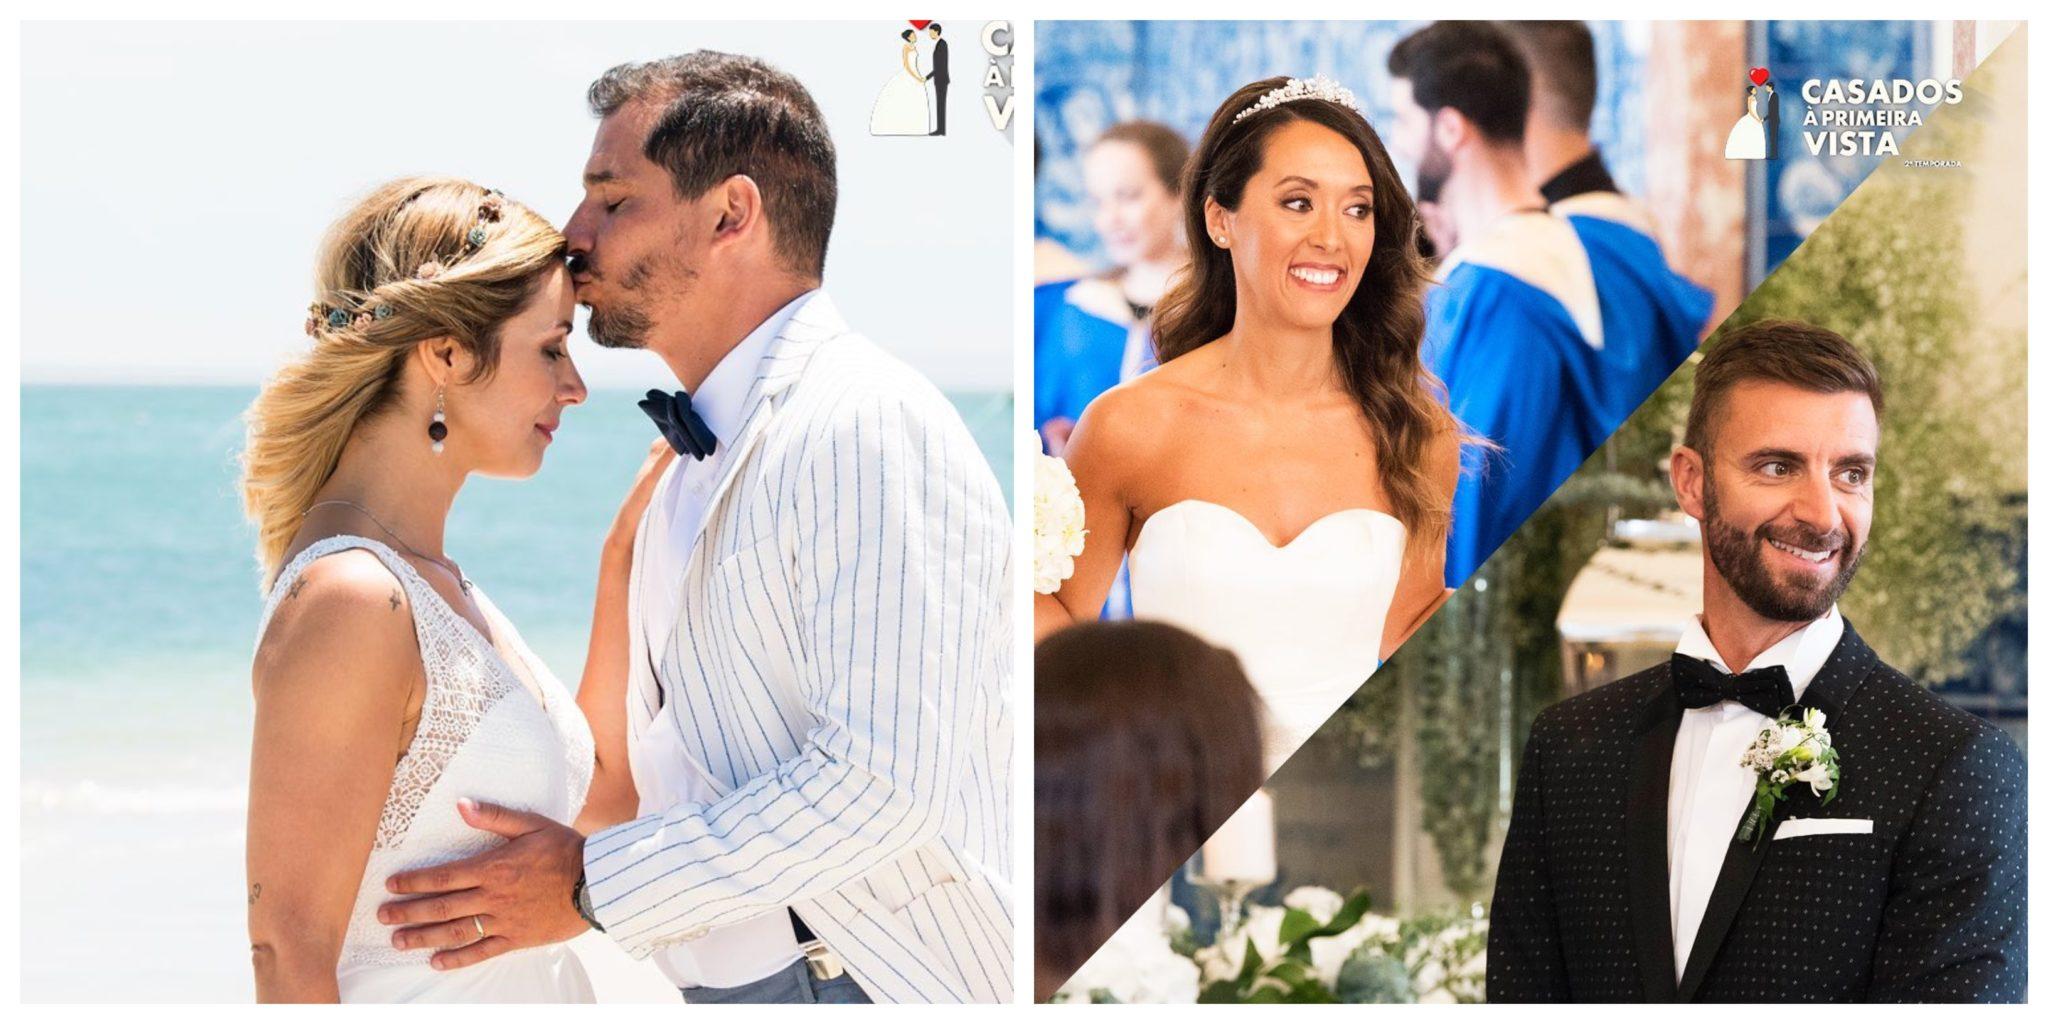 Liliana Pedro Marta Luis Casados A Primeira Vista Todos Os Casais De 'Casados À Primeira Vista' Estão Separados? Produção Responde